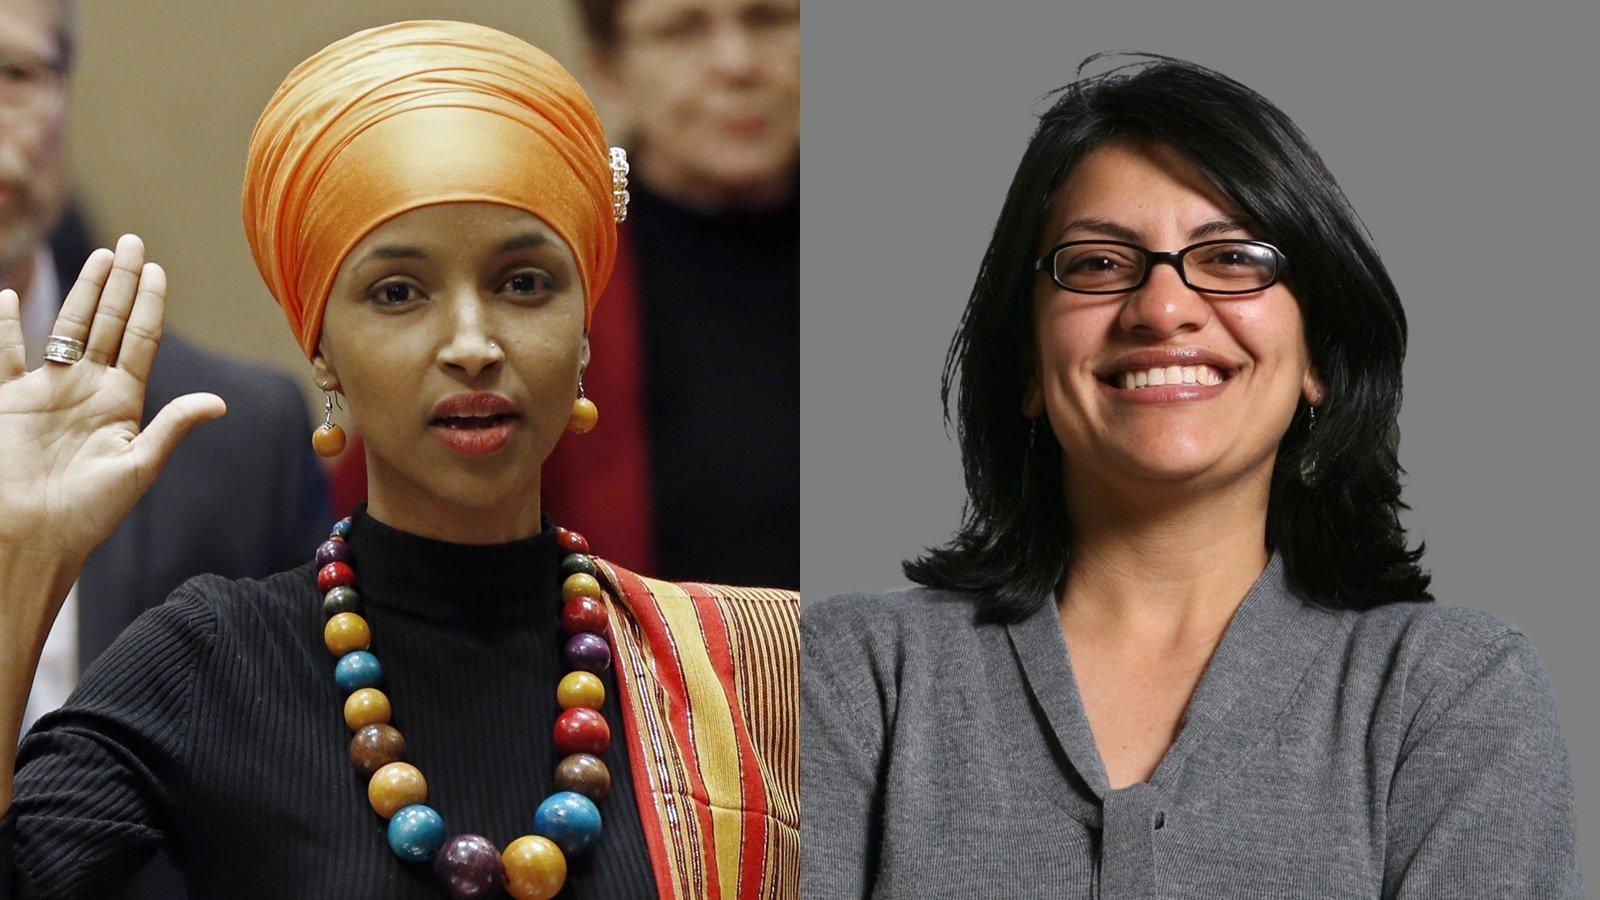 왼쪽: 일한 오마르, 오른쪽: 라시다